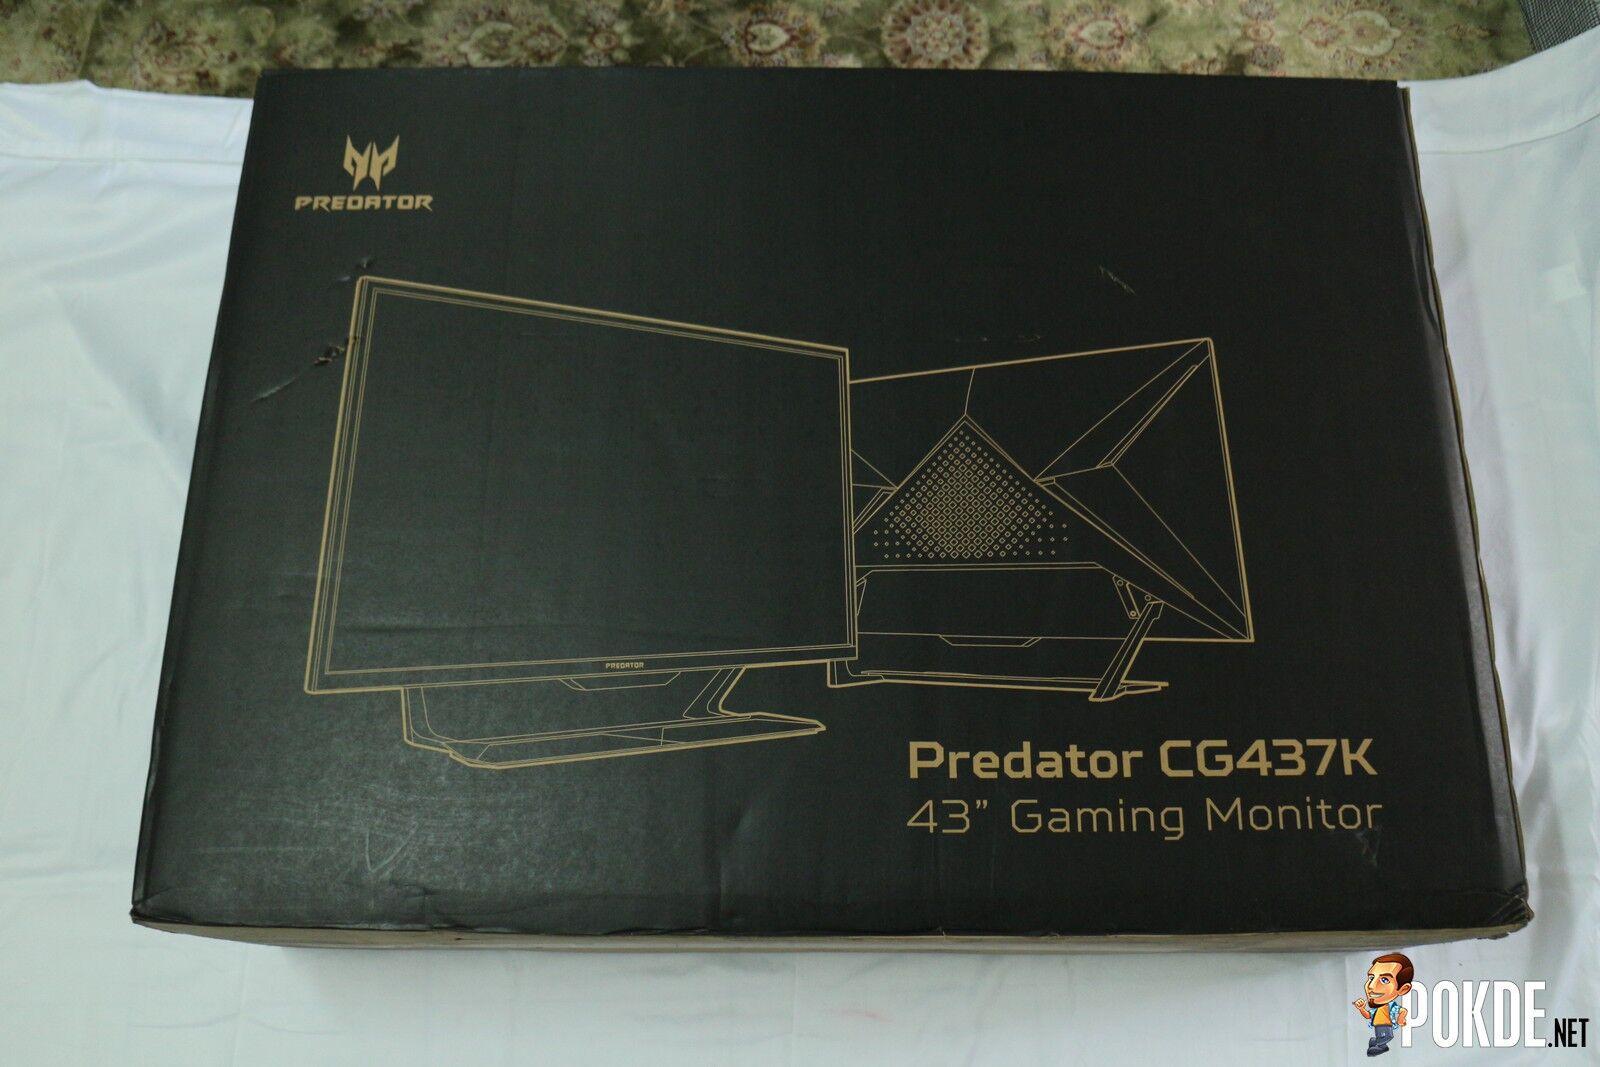 Acer Predator CG437K P Review